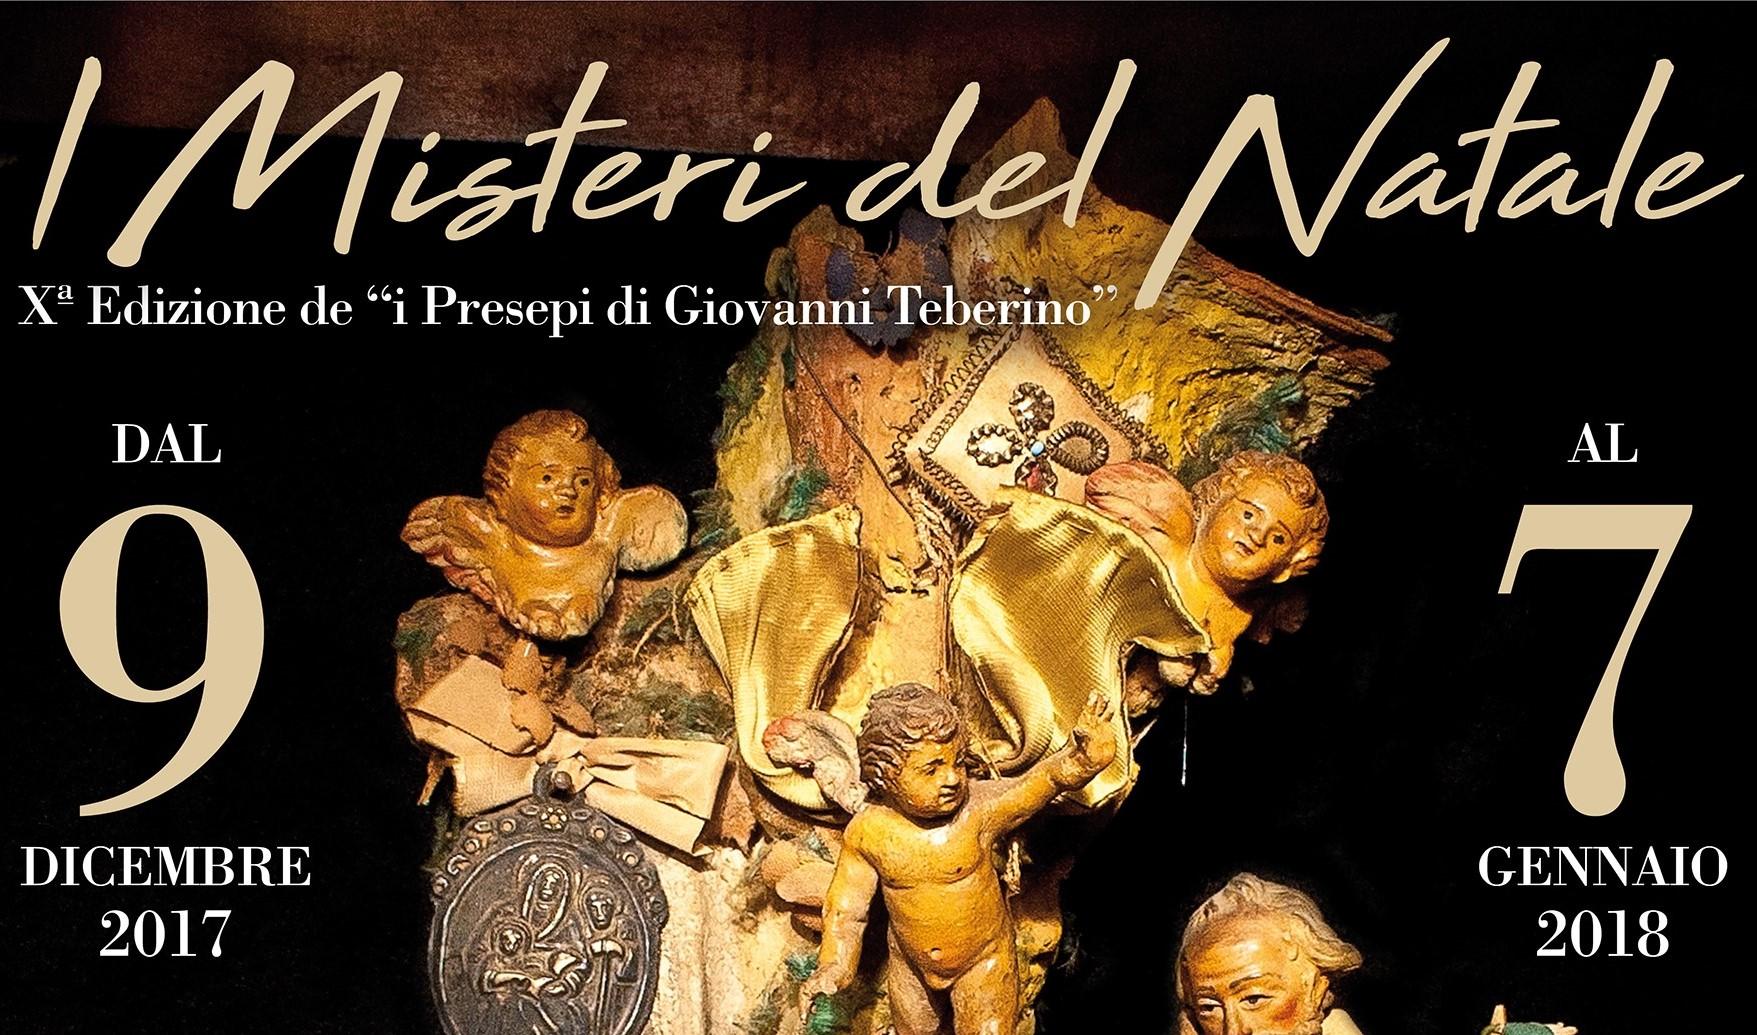 I Presepi di Giovanni Teberino in mostra al Museo dei Misteri tra tradizione e arte sacra